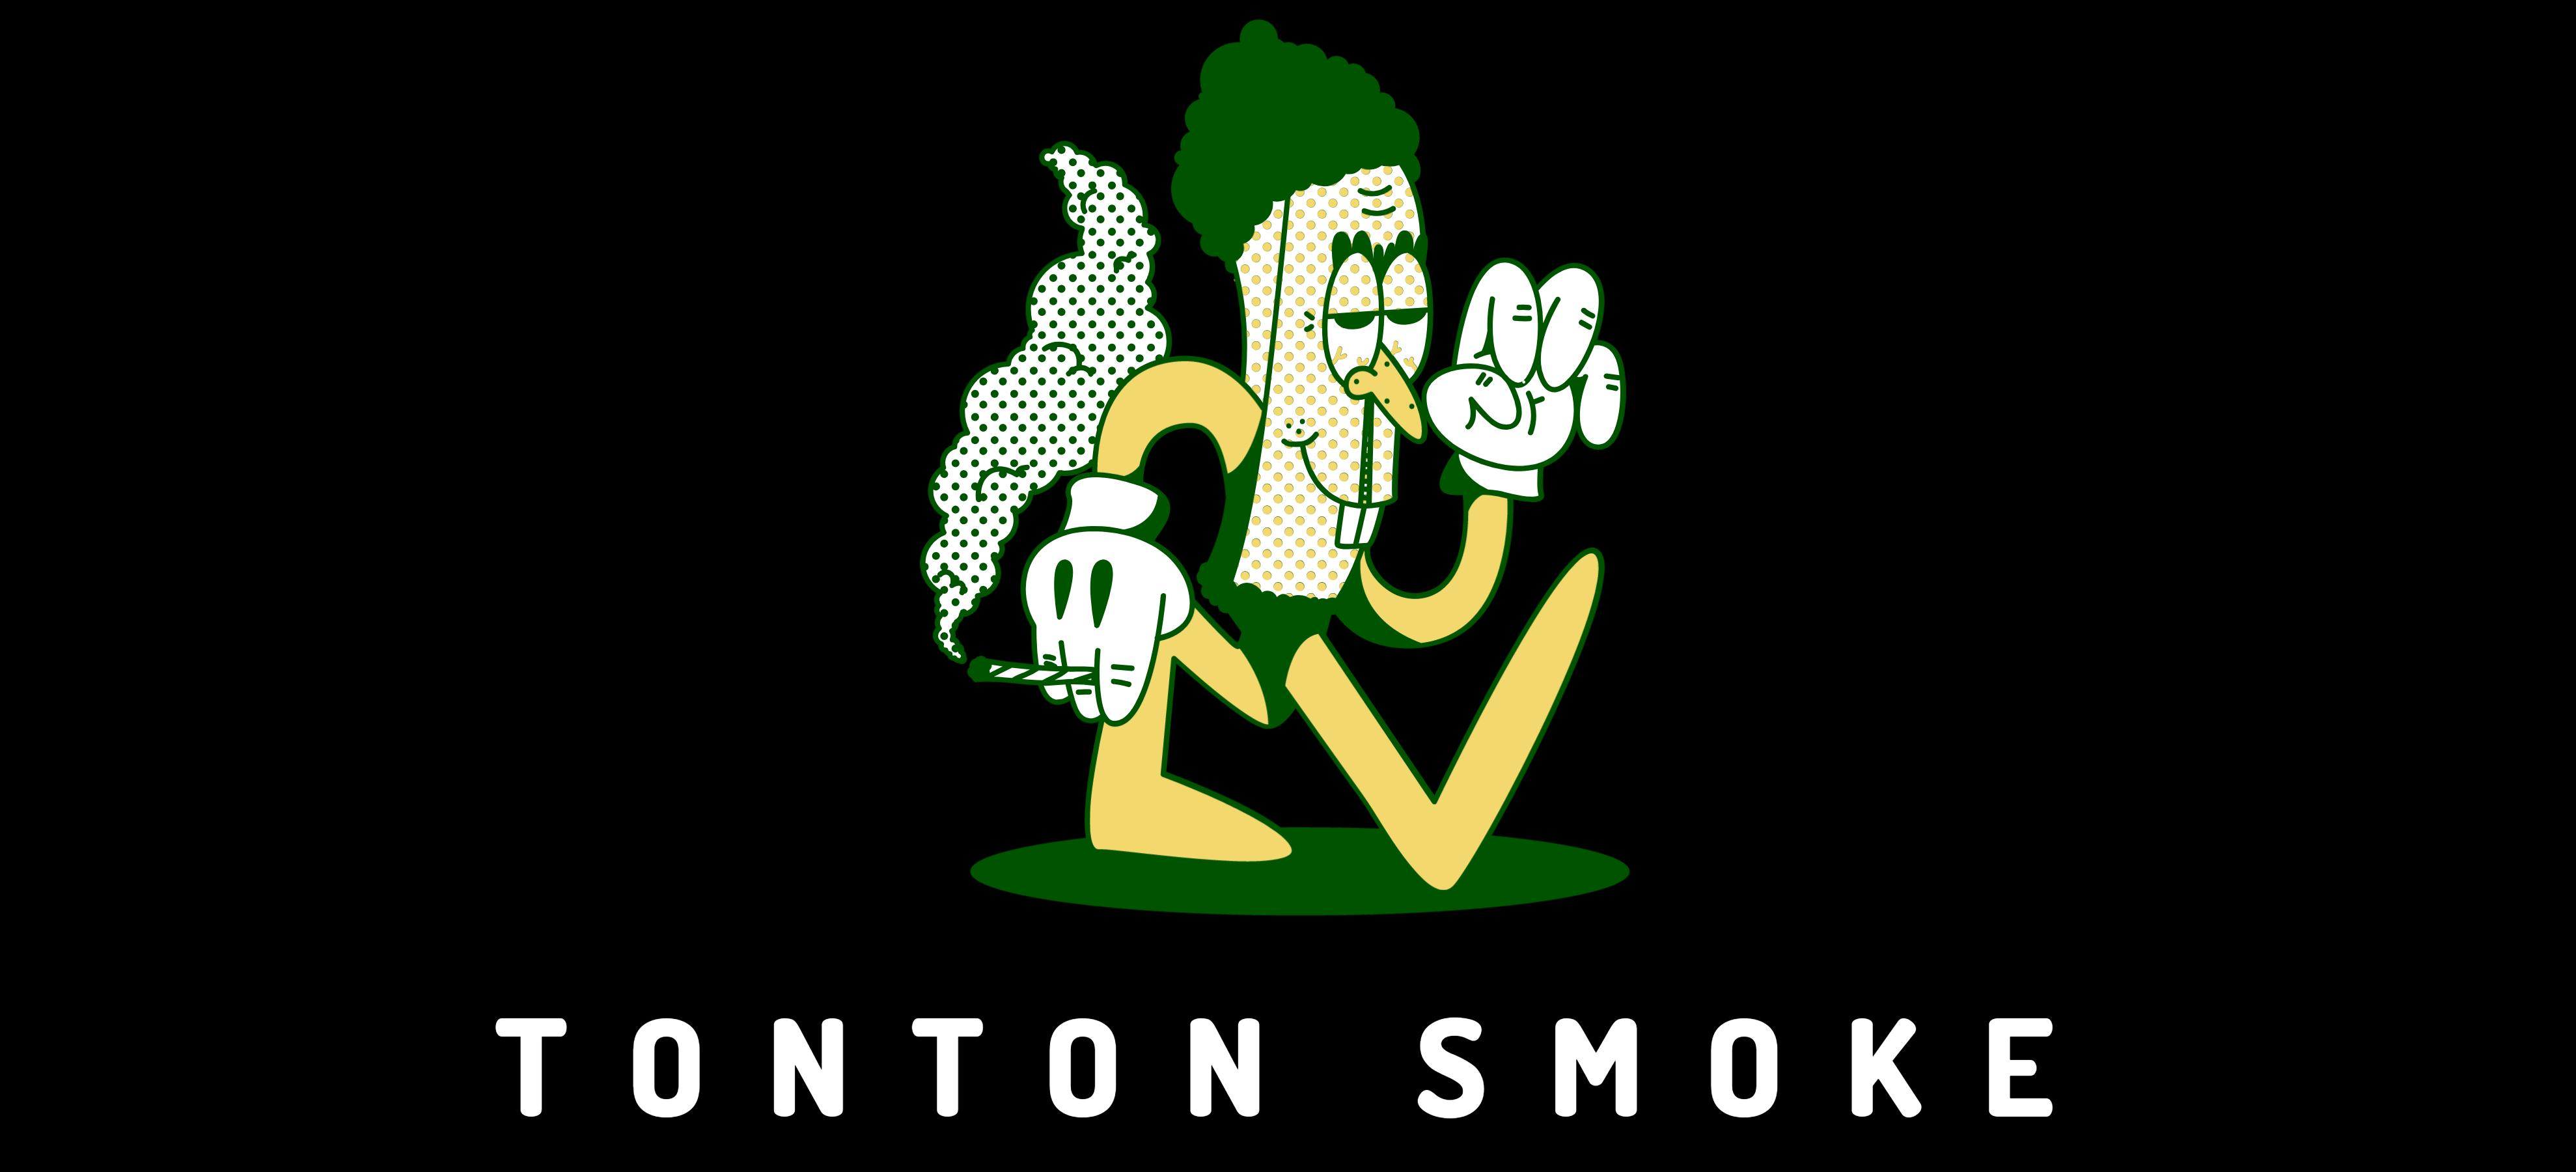 Tonton Smoke